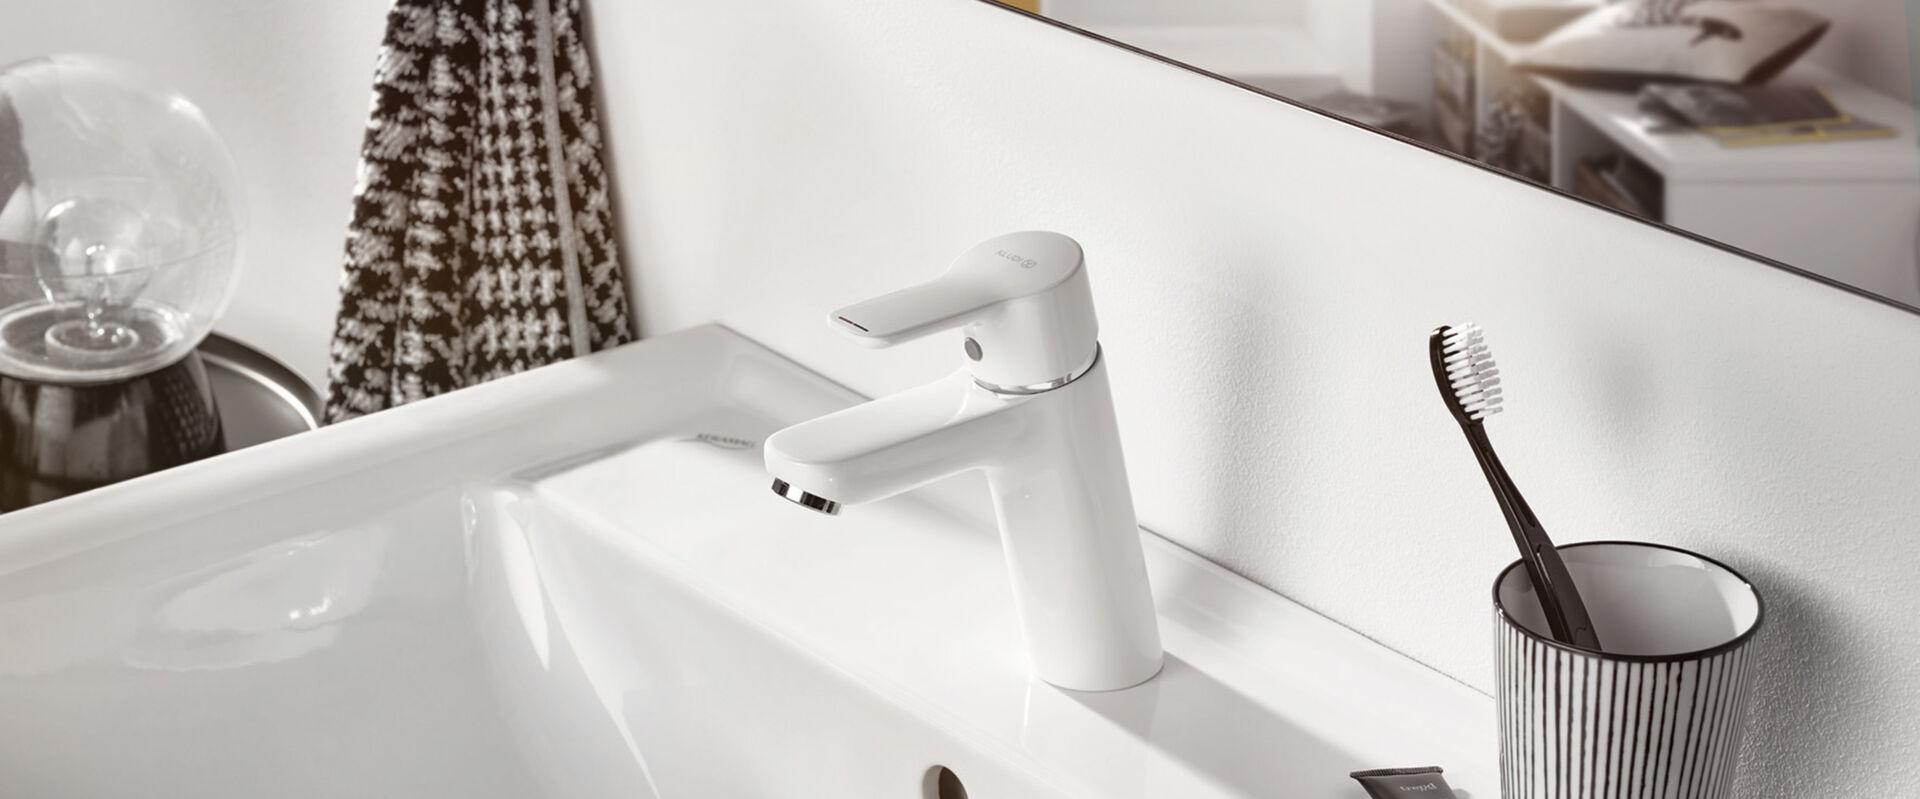 armatur pure function moderne vielseitigkeit von kludi. Black Bedroom Furniture Sets. Home Design Ideas